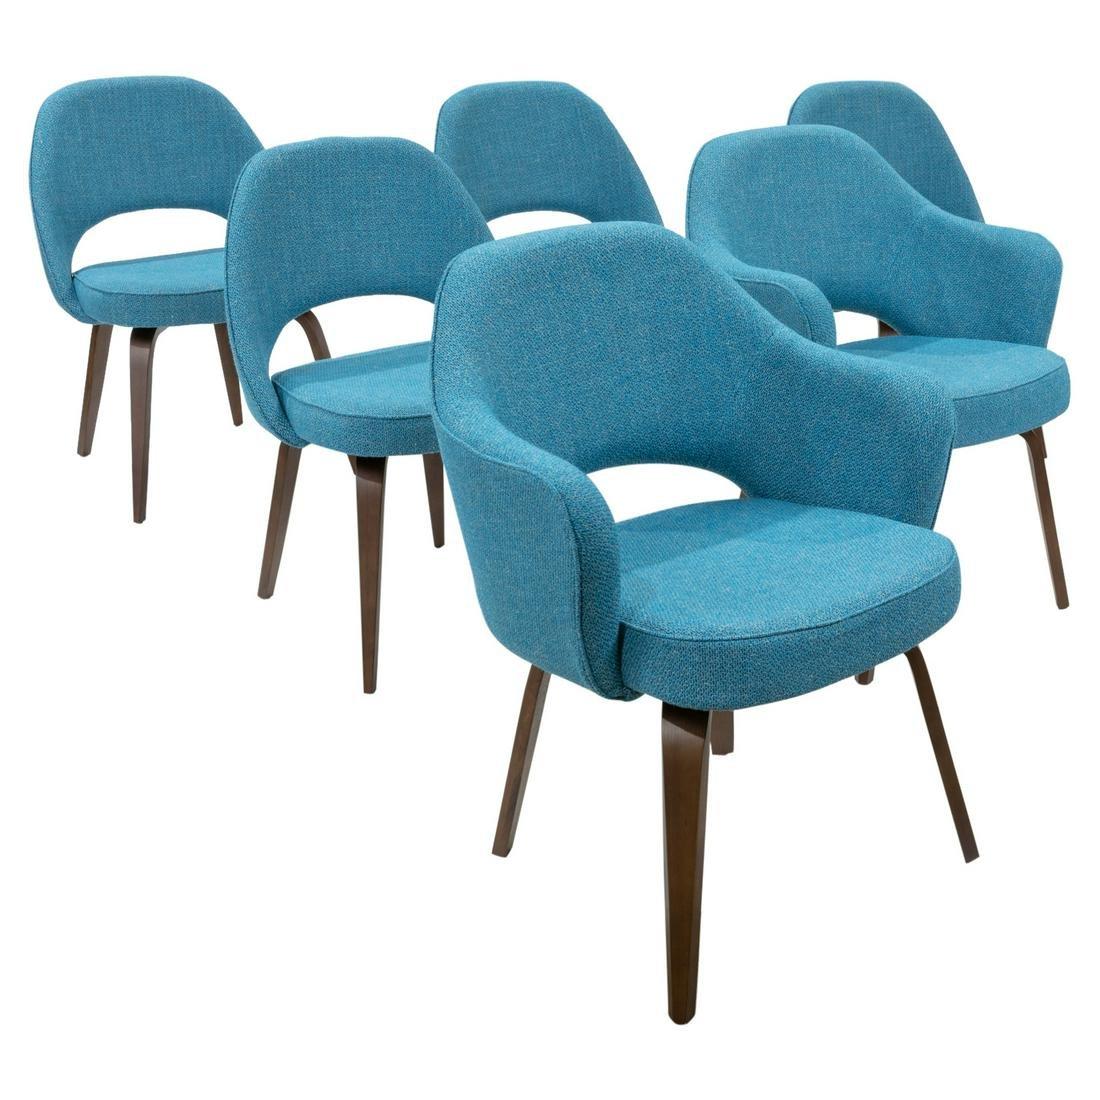 Eero Saarinen (After) - Chairs - 6